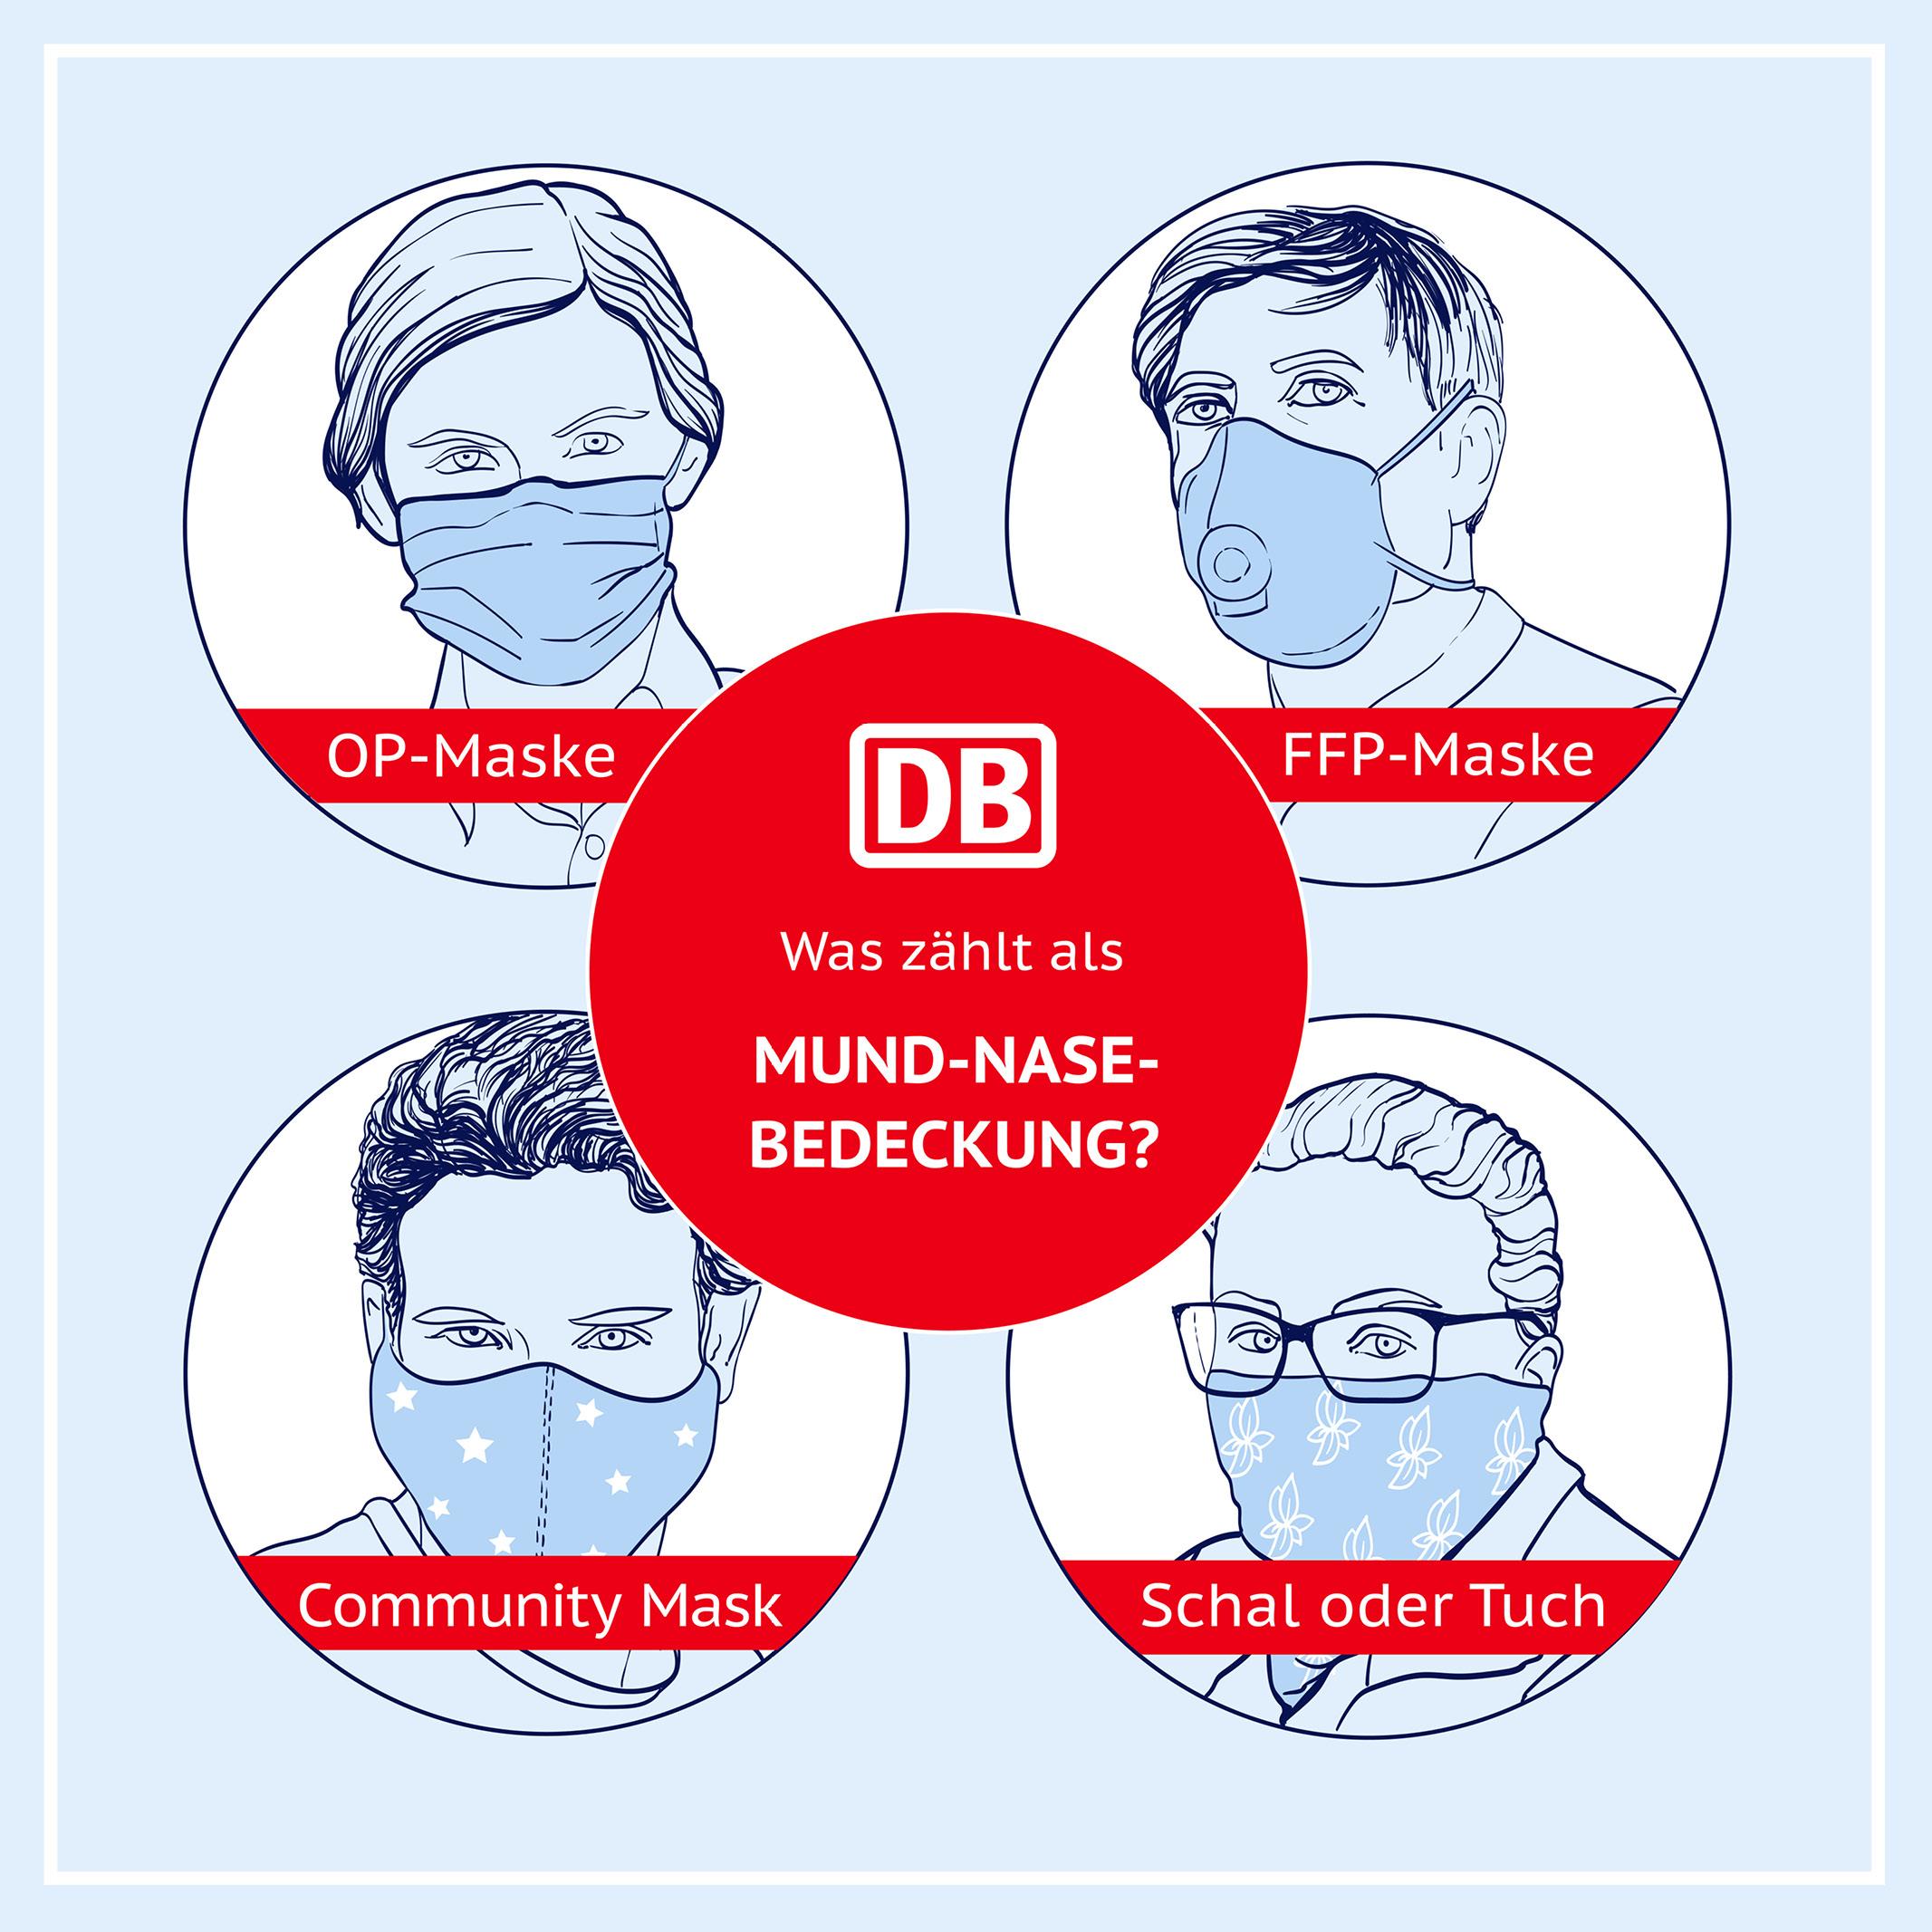 Infografik: Mund-Nase-Bedeckung in der Bahn